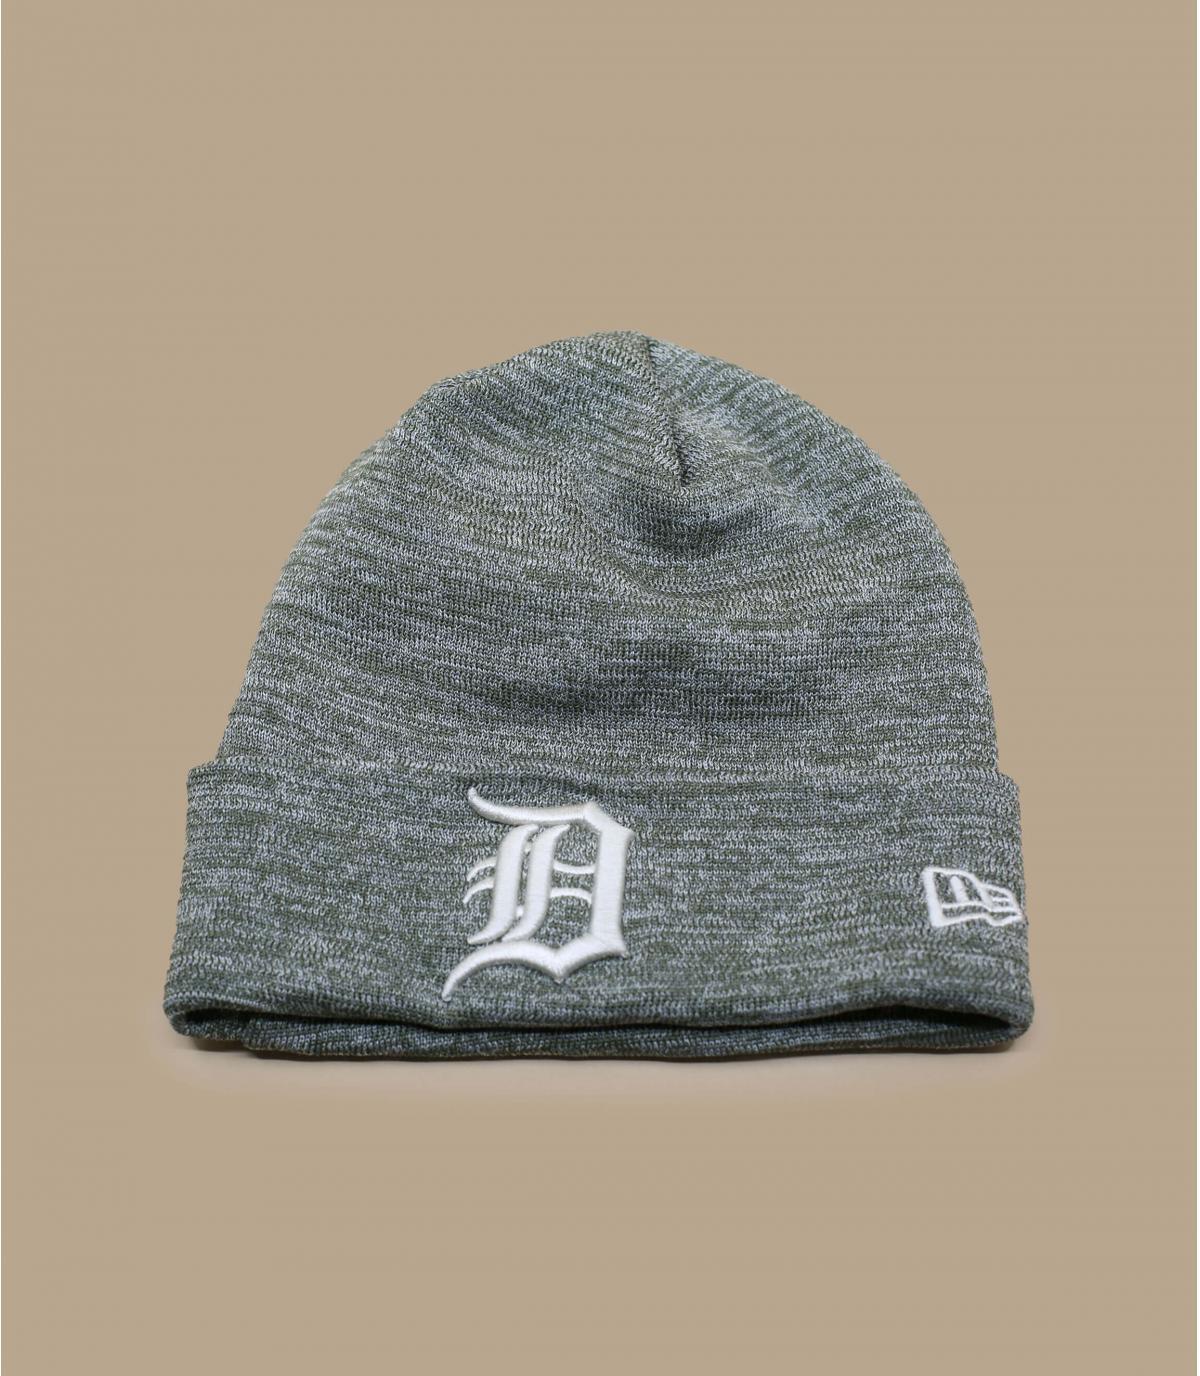 Details Mütze Detroit Enginnered Fit Cuff olive gray - Abbildung 2